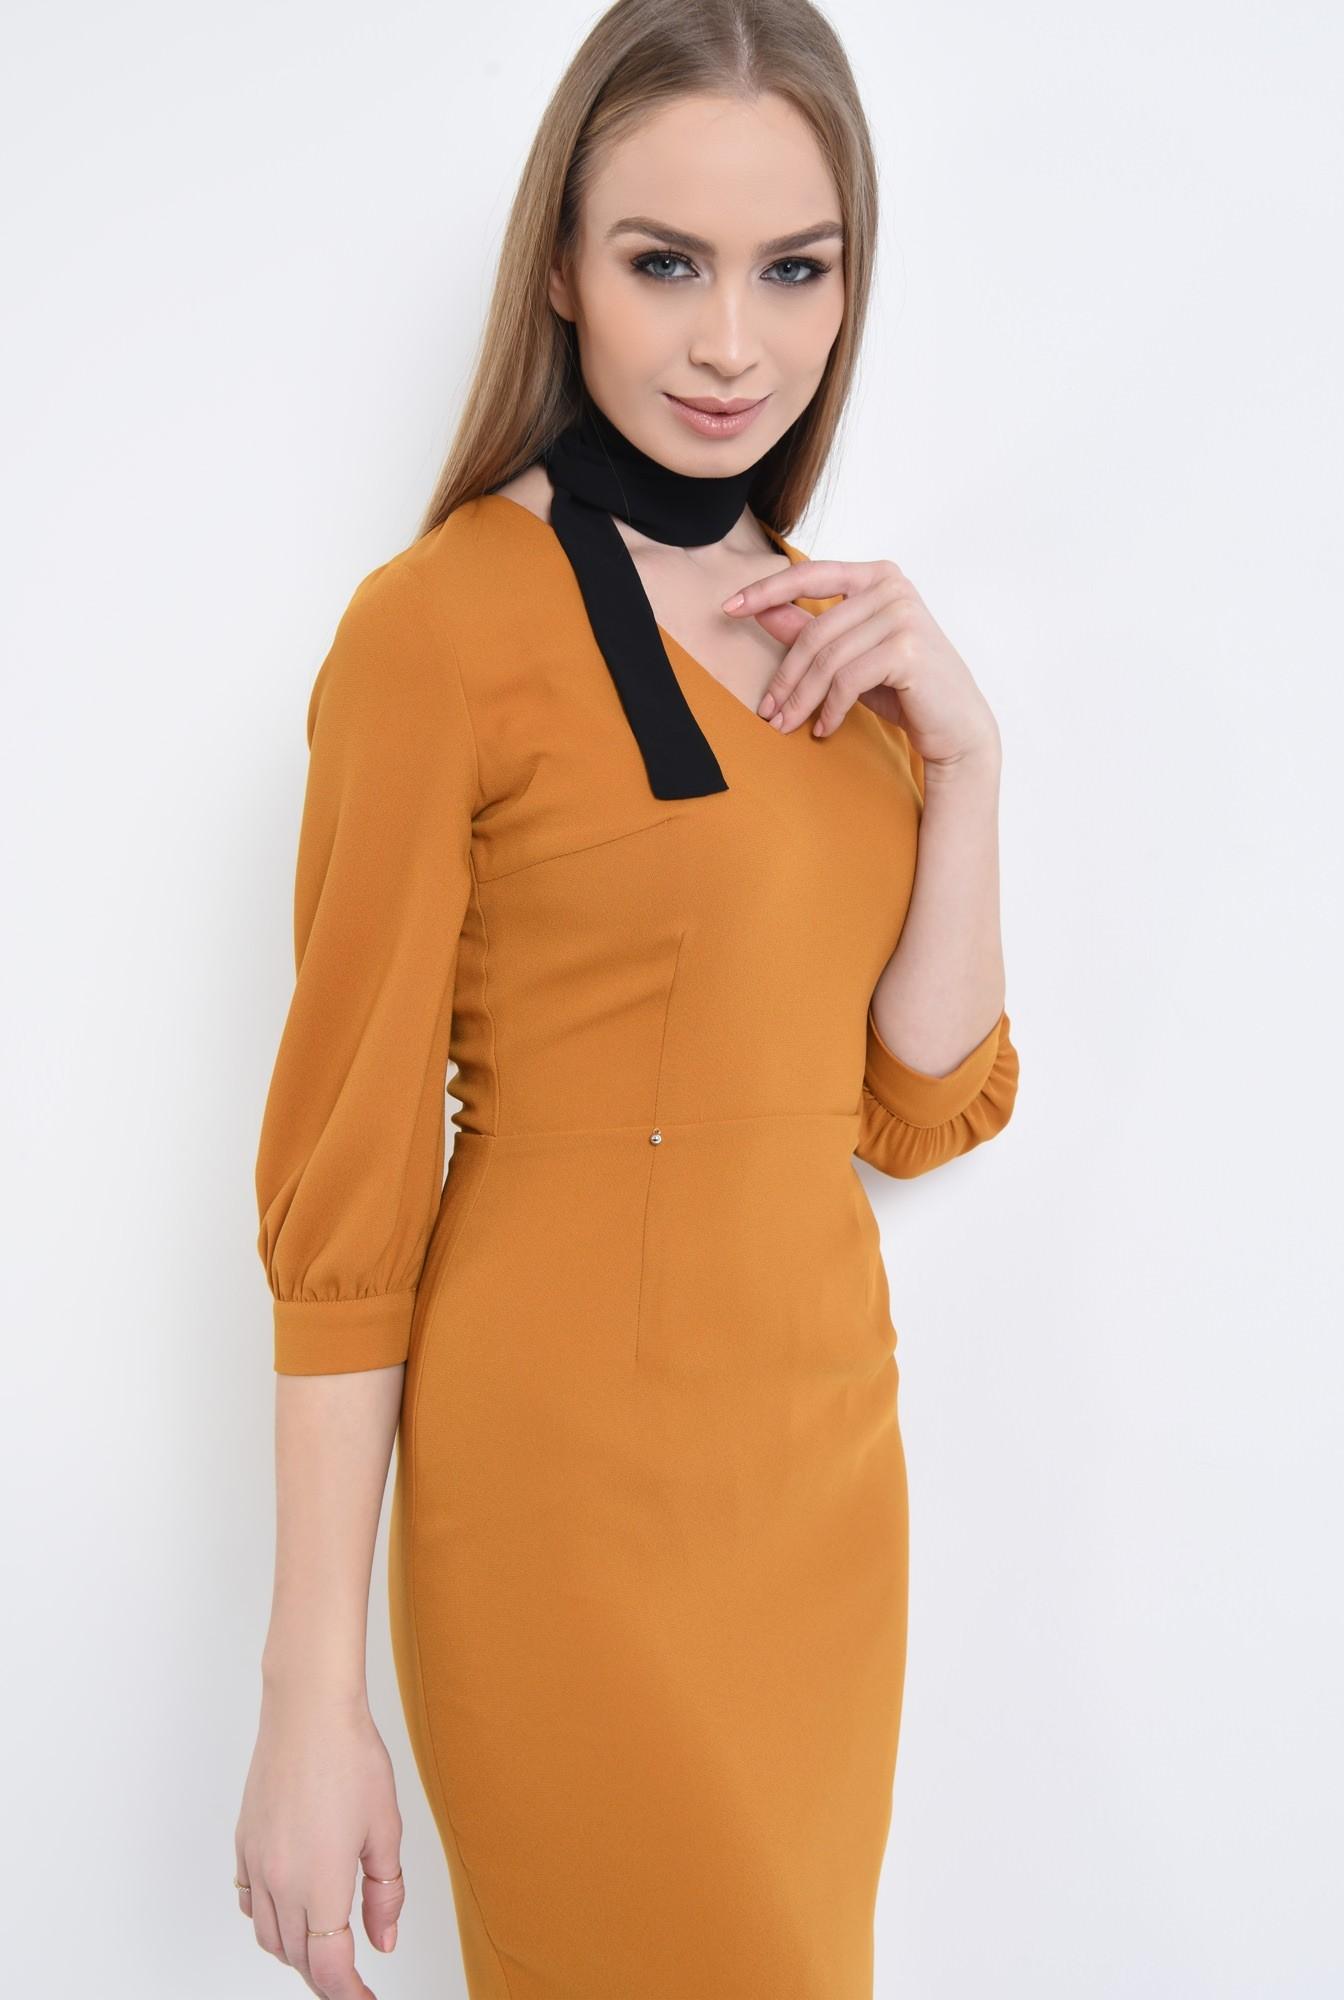 2 - 360 - Rochie casual mustar, fermoar, rochii de dama online